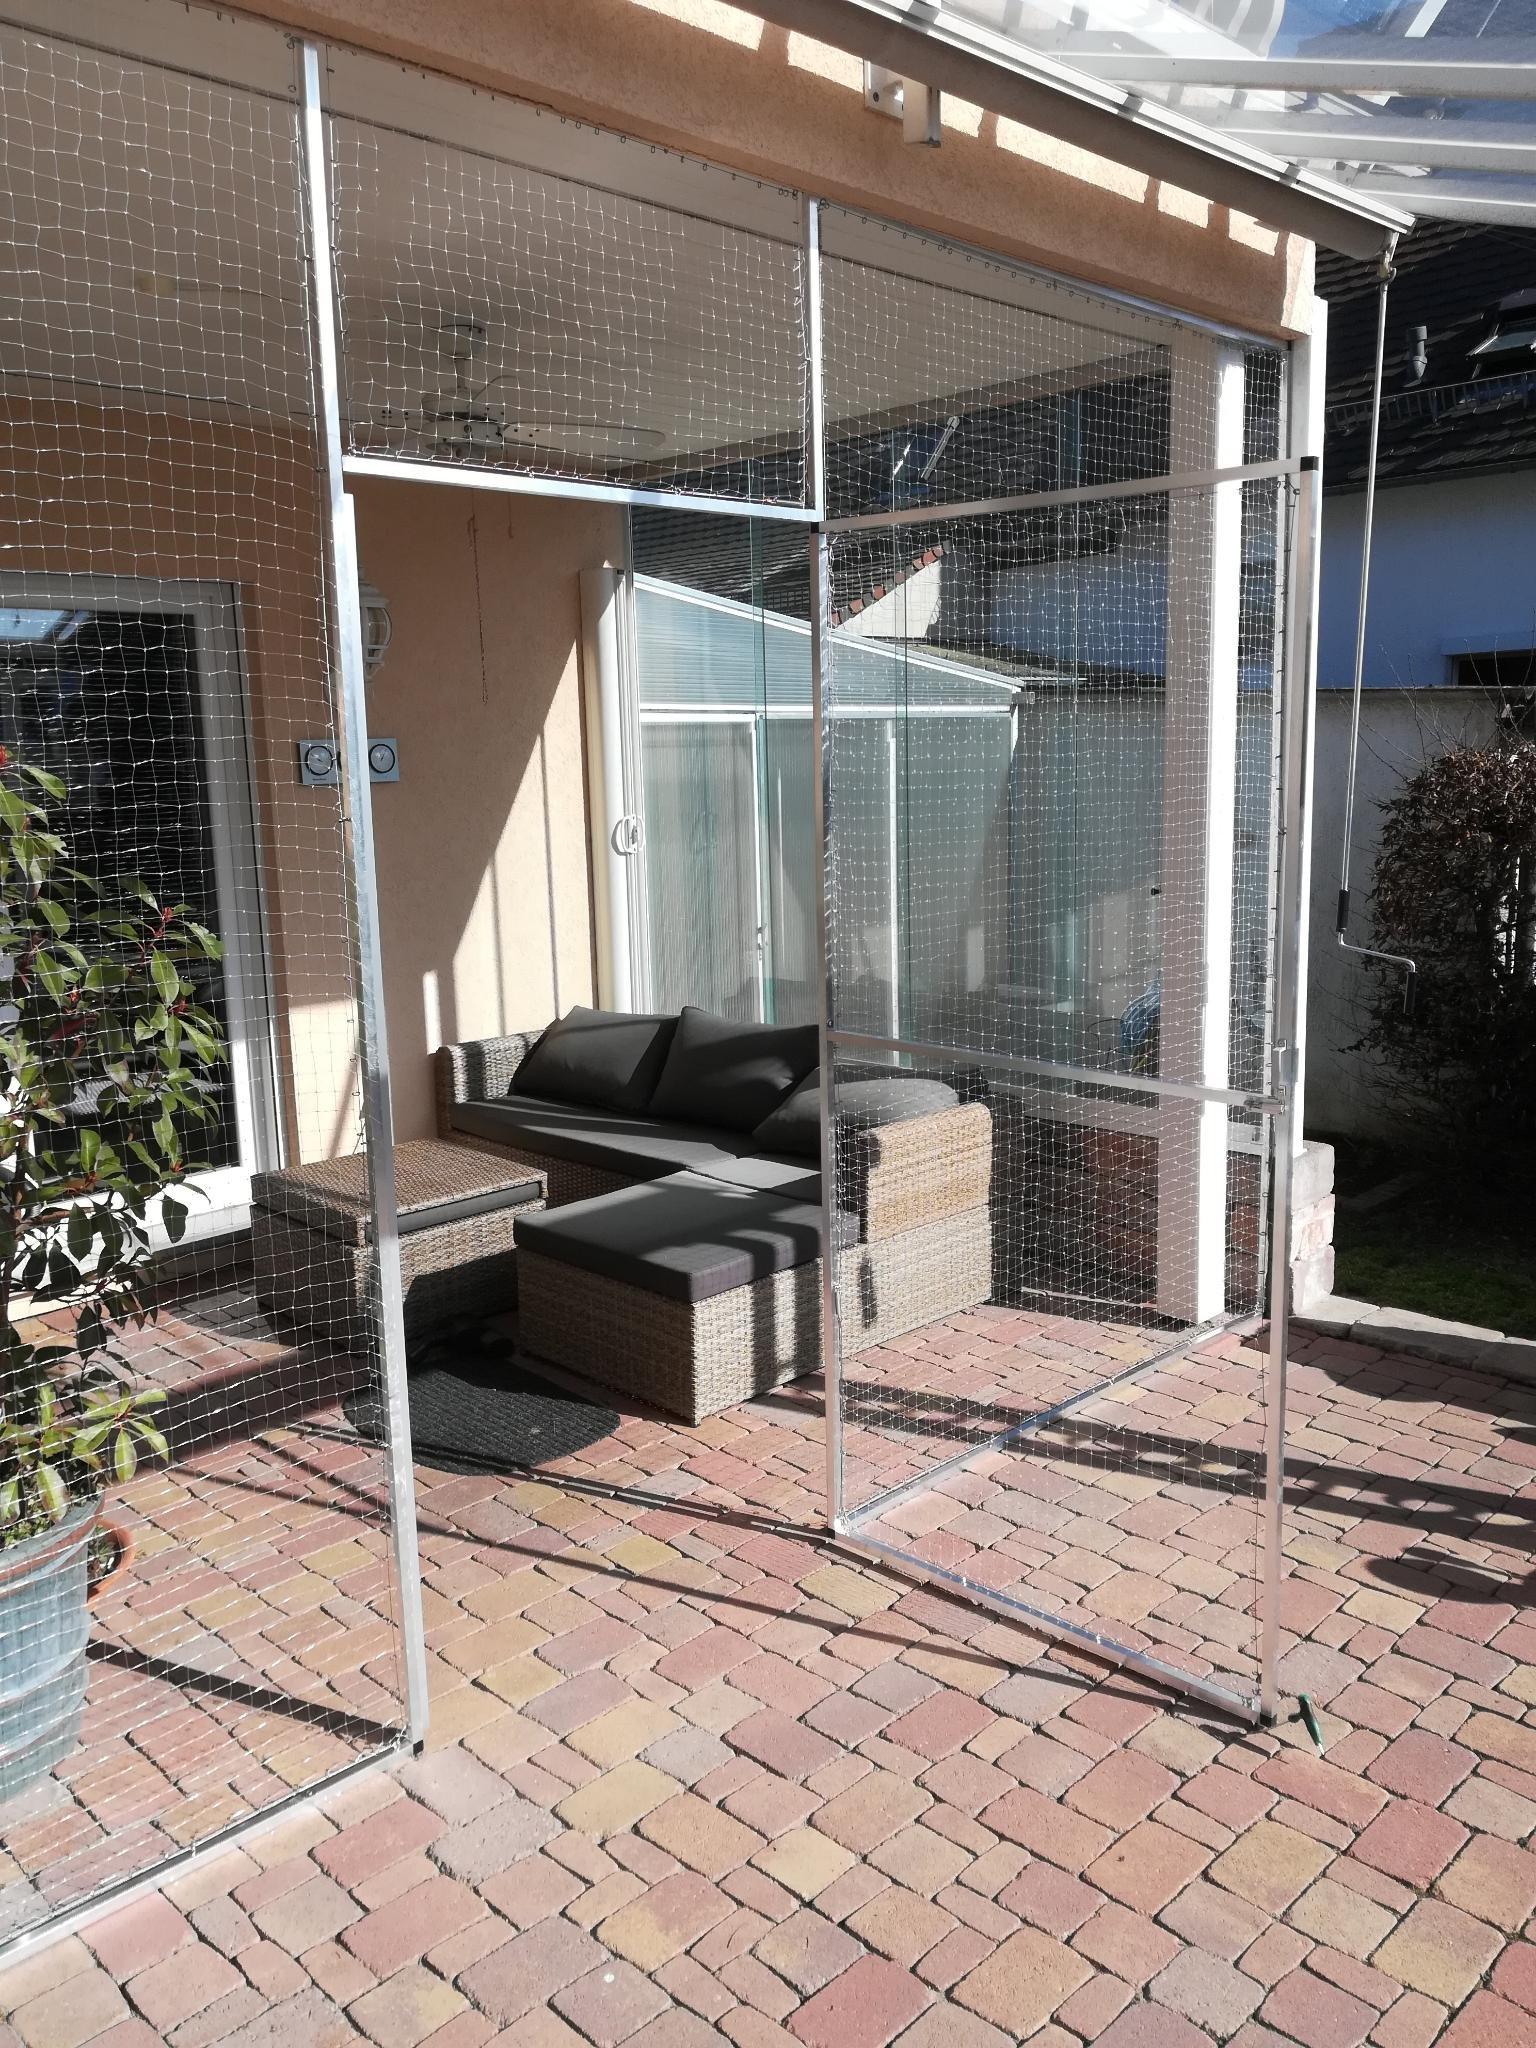 Katzenschutznetz mit offener Tür im Garten